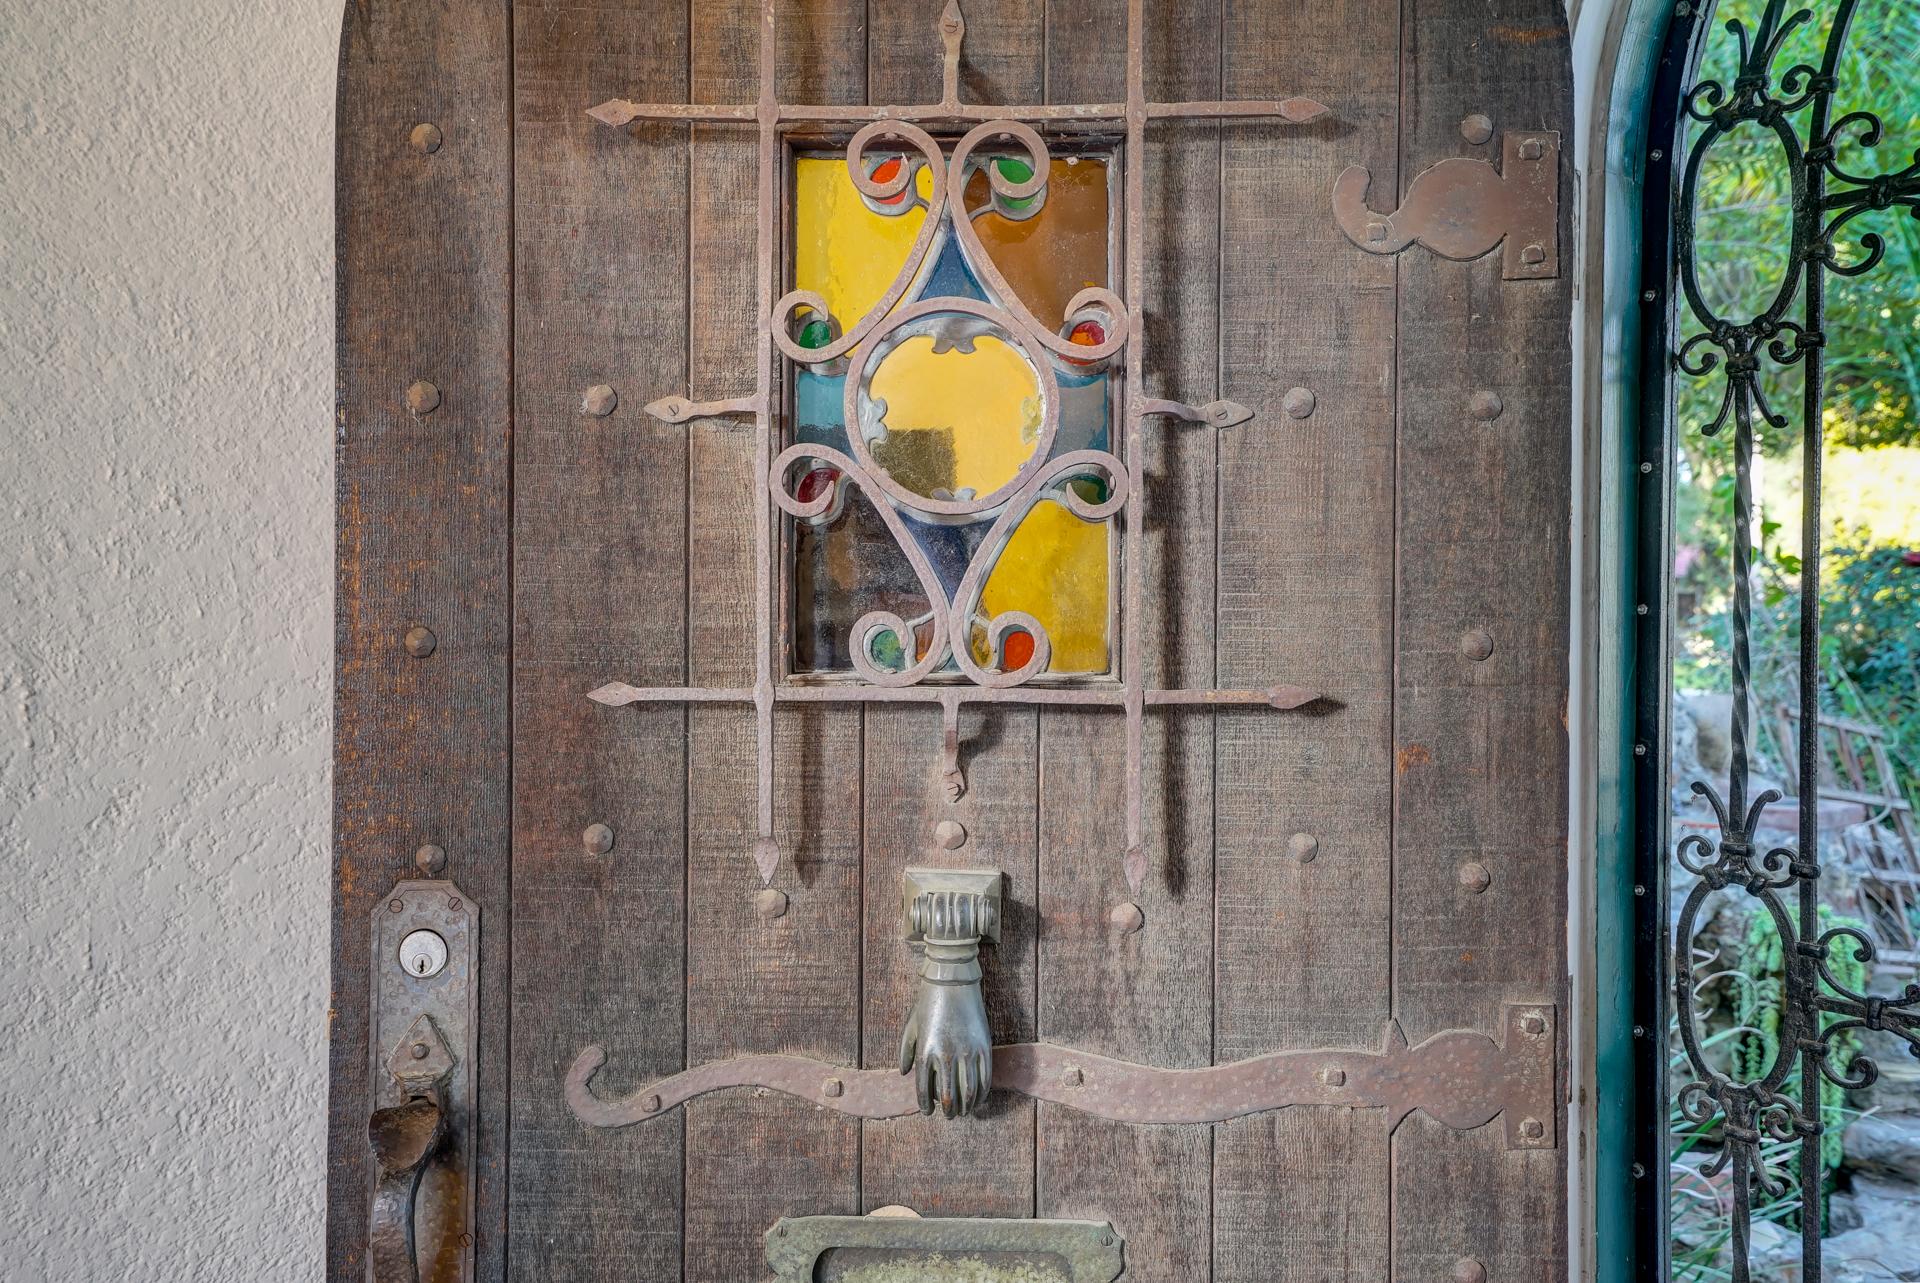 Magnified view of front door